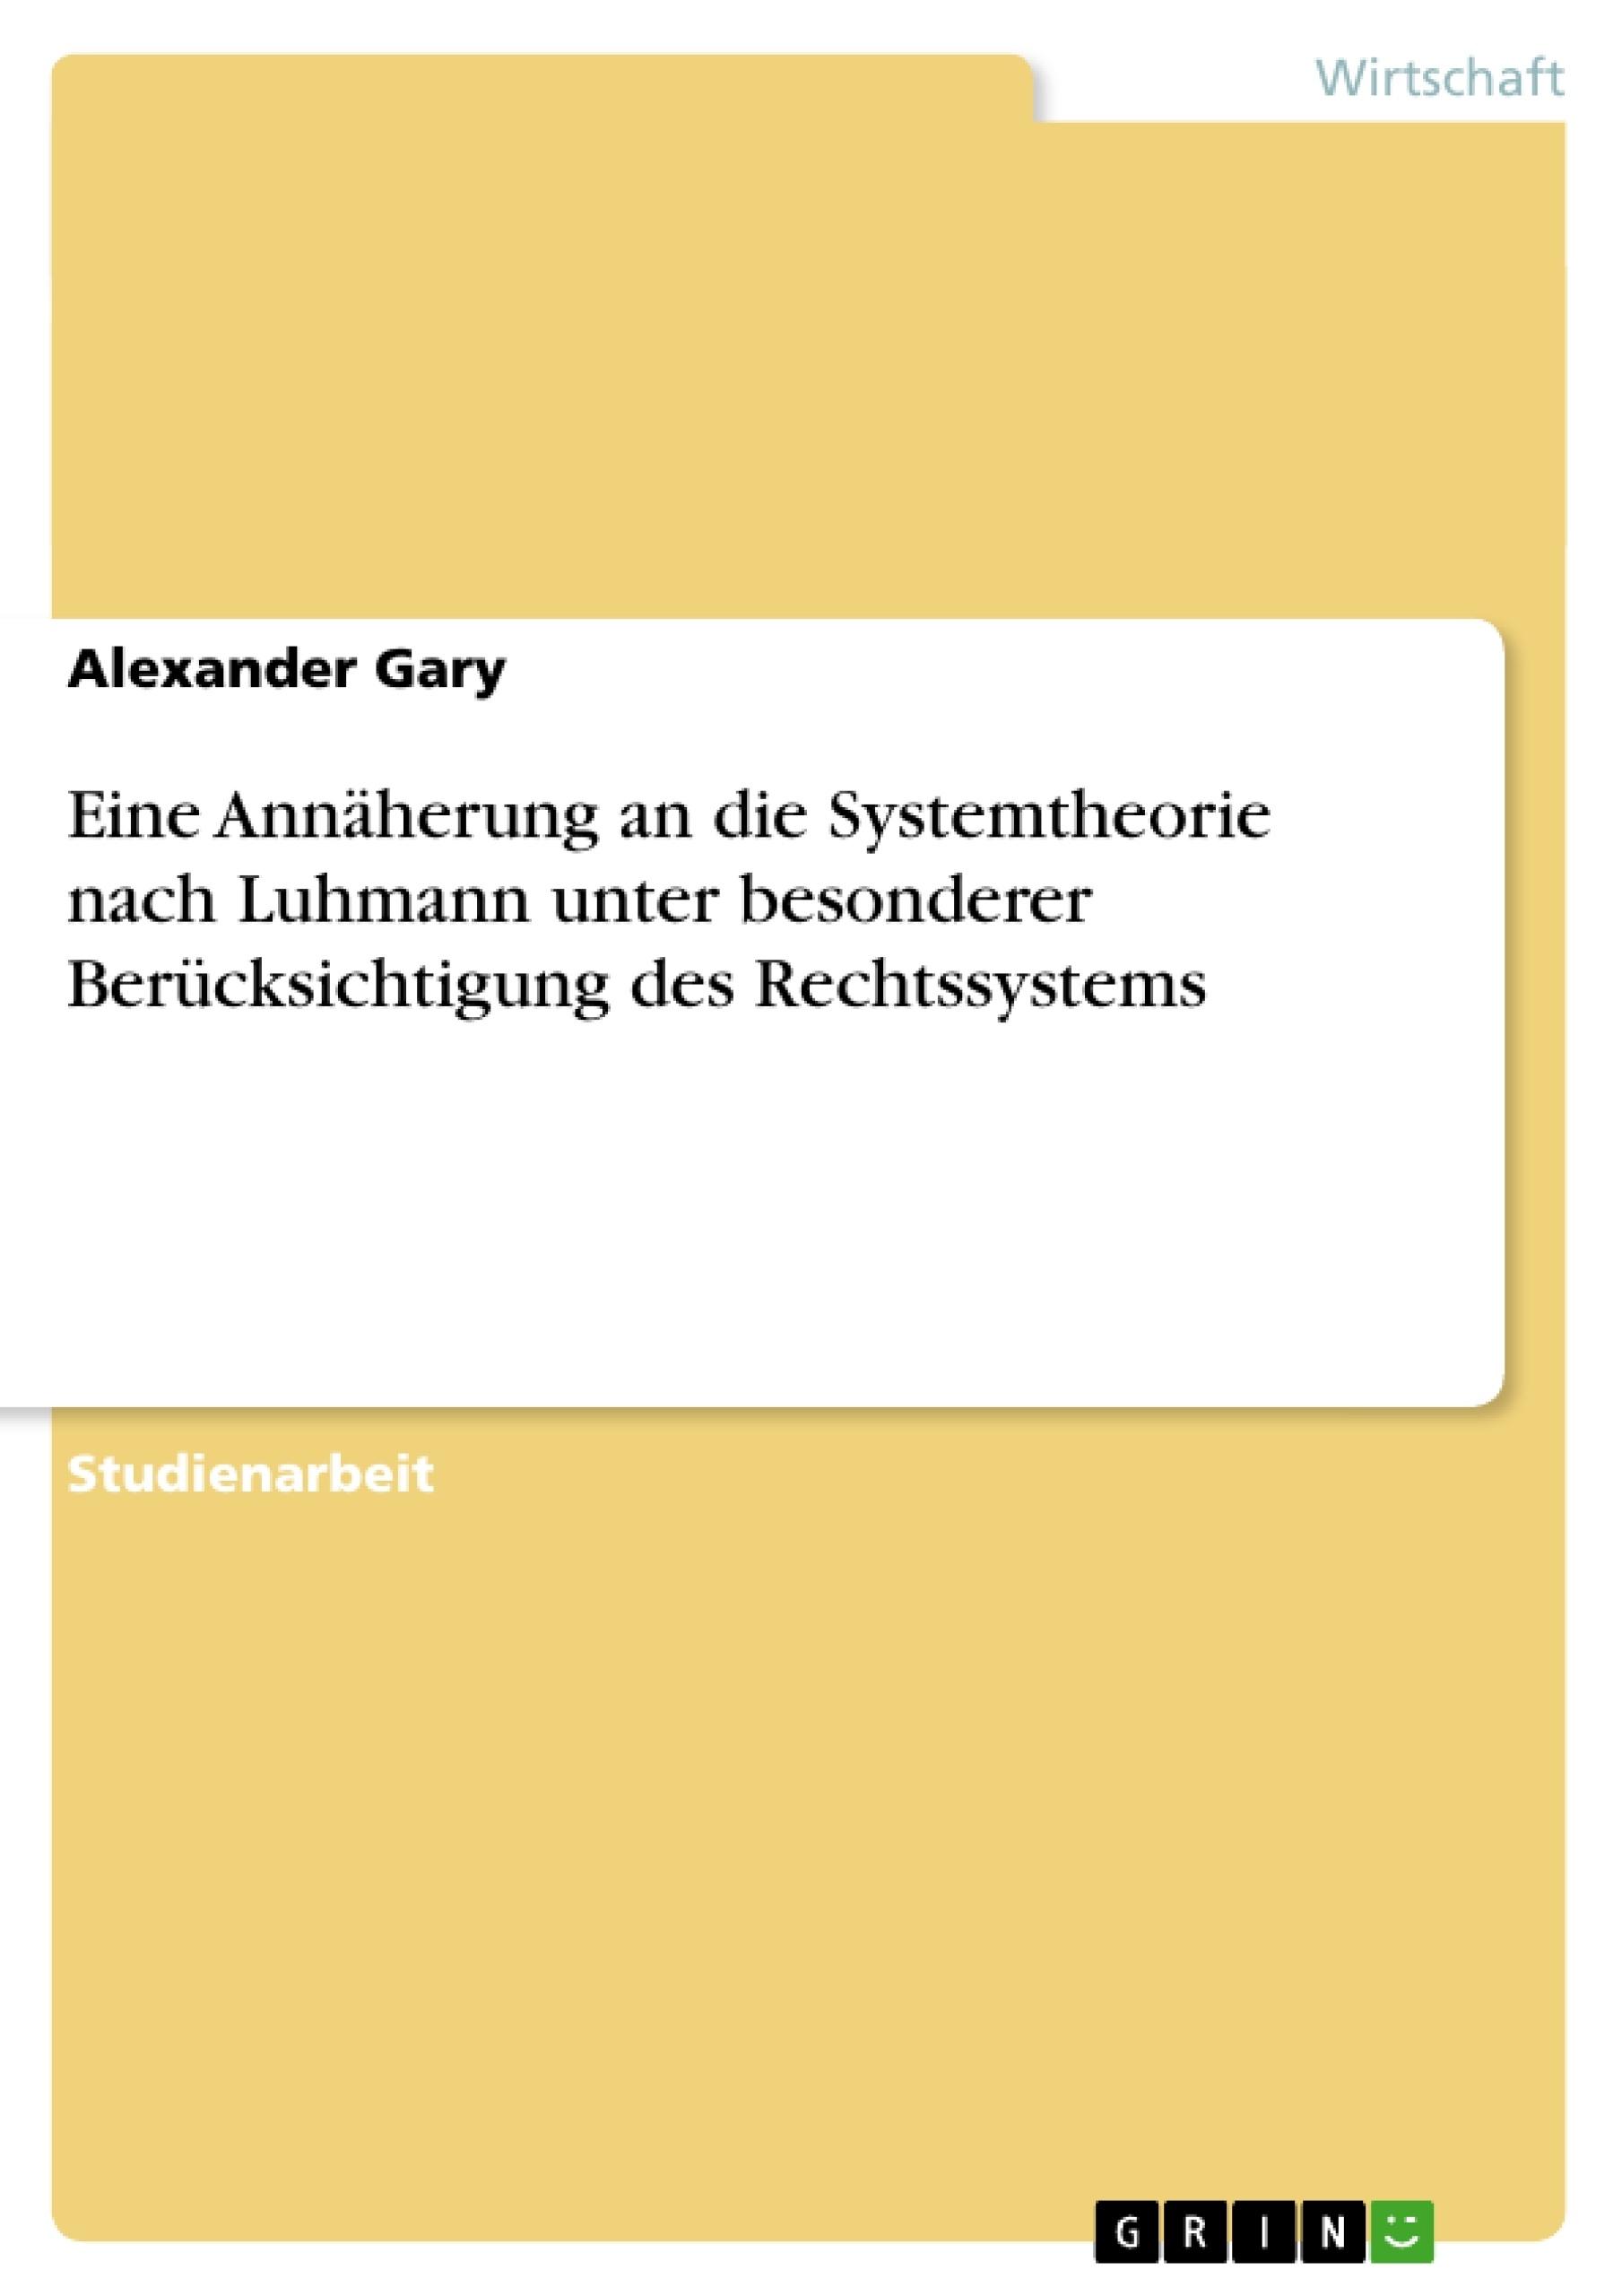 Titel: Eine Annäherung an die Systemtheorie nach Luhmann unter besonderer Berücksichtigung des Rechtssystems